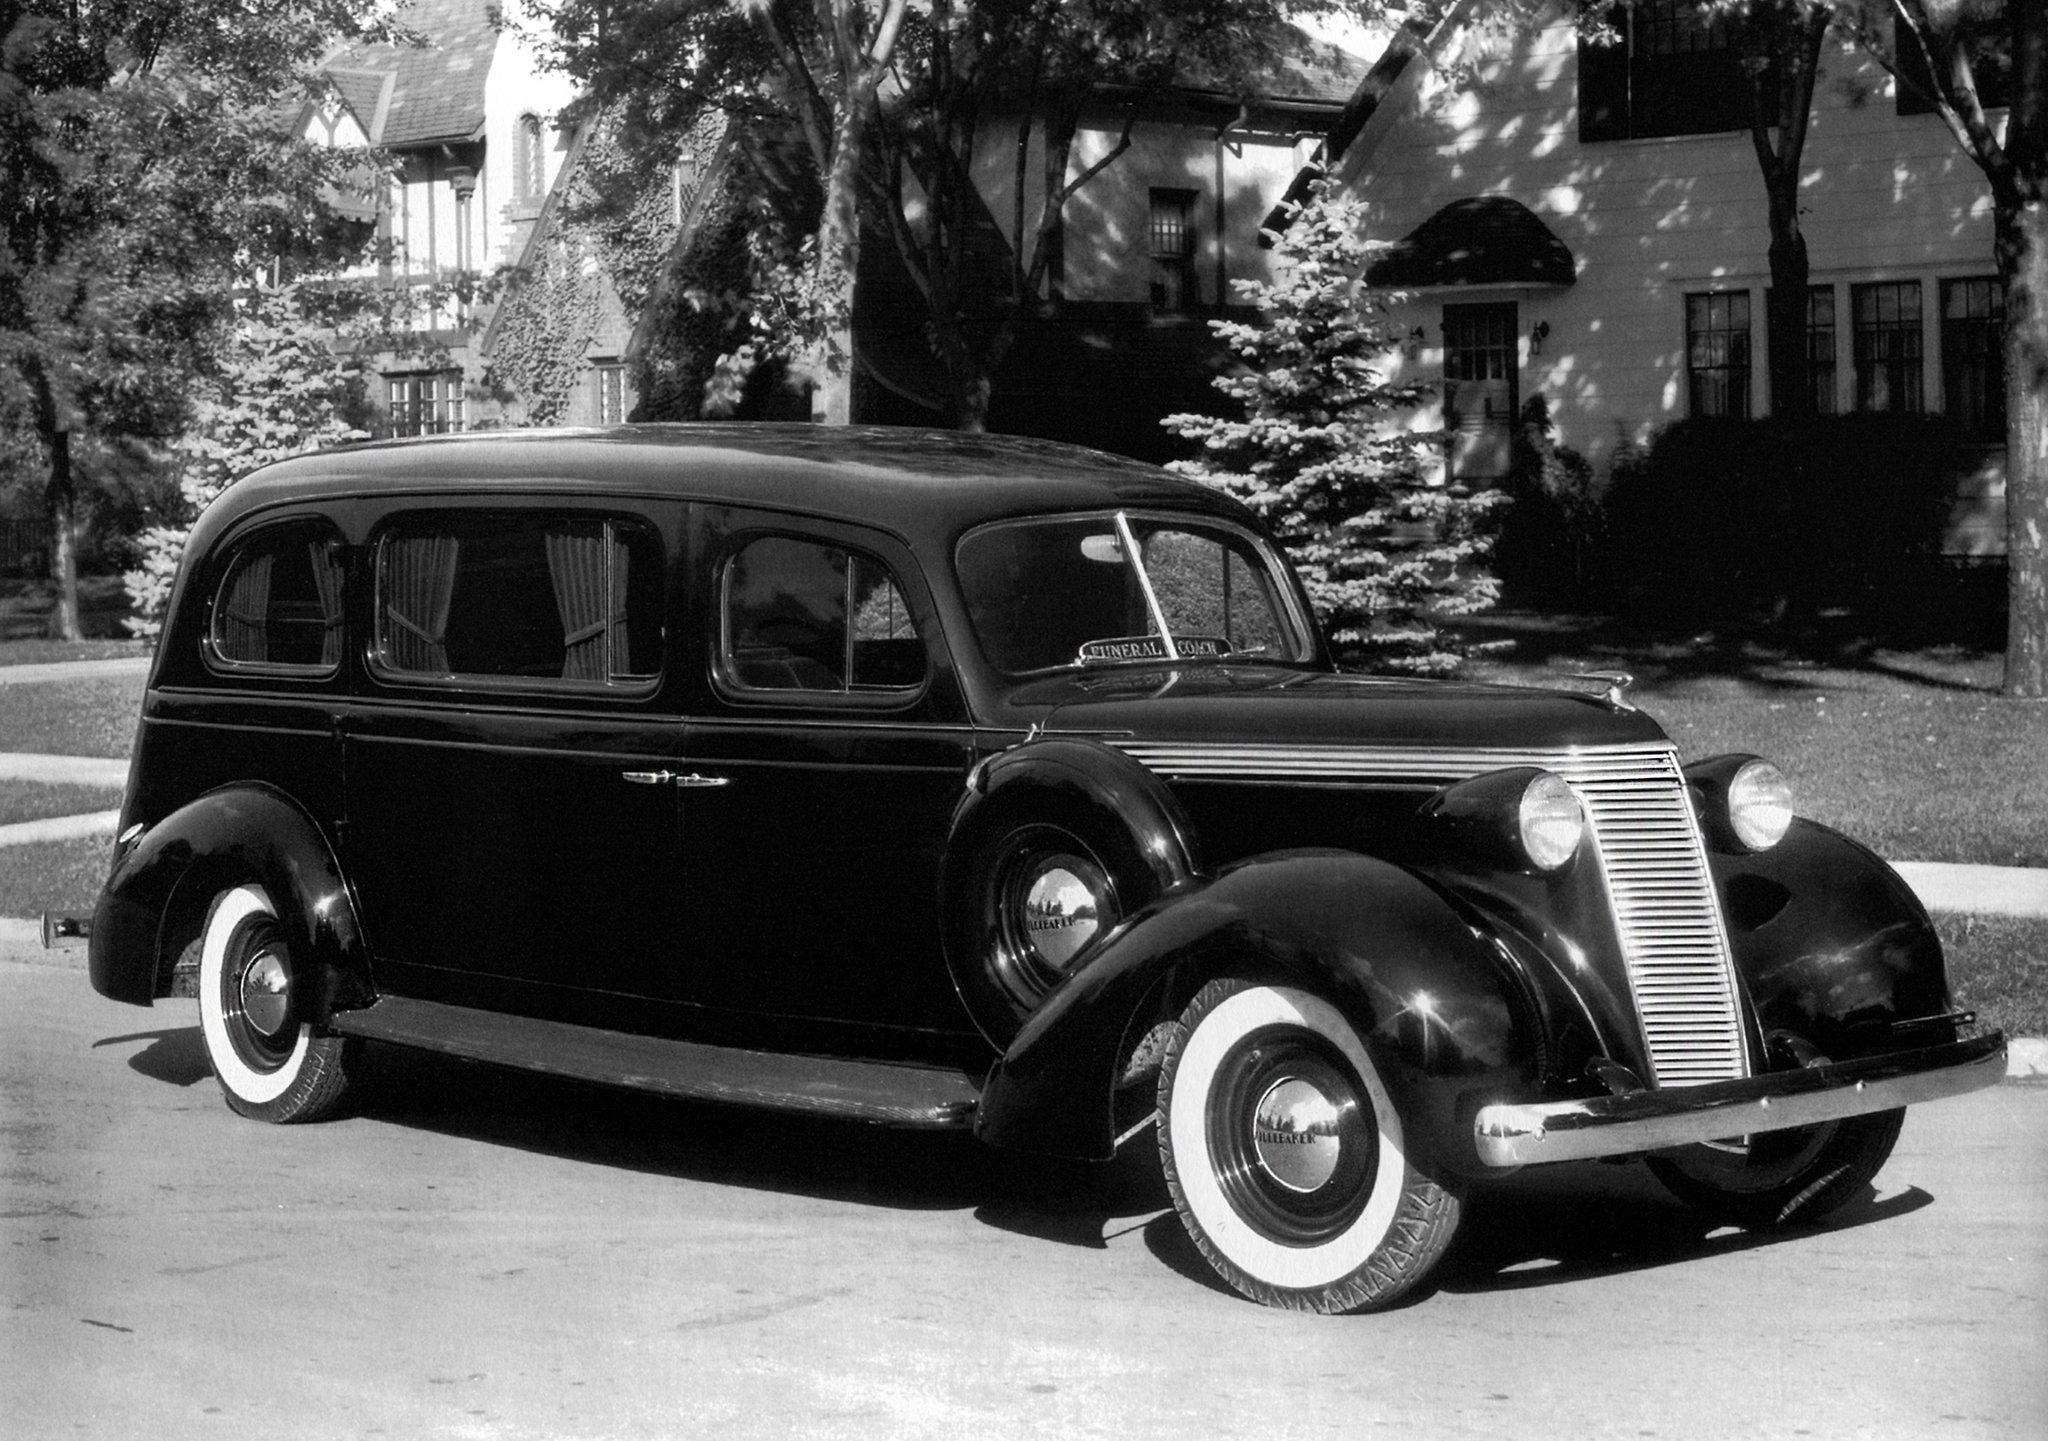 1937 Superior Studebaker Arlington Funeral Car 5a6a